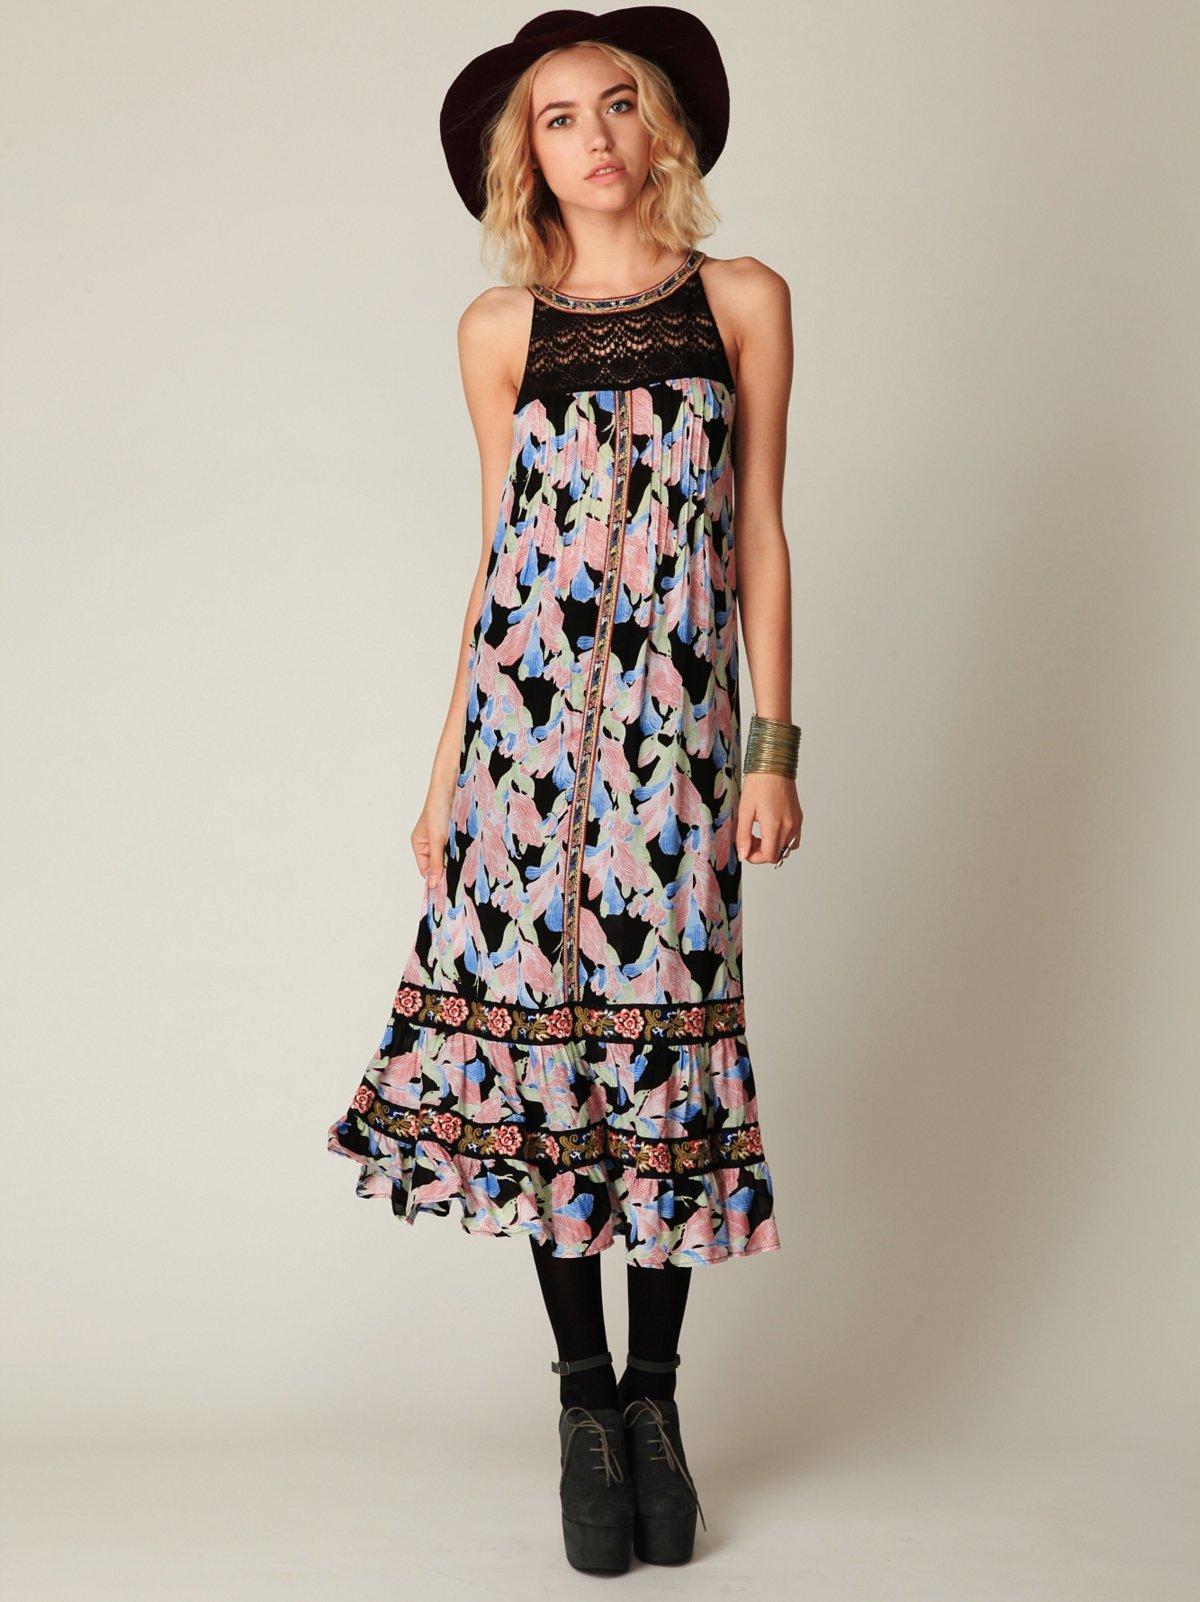 Flower Explosion Dress